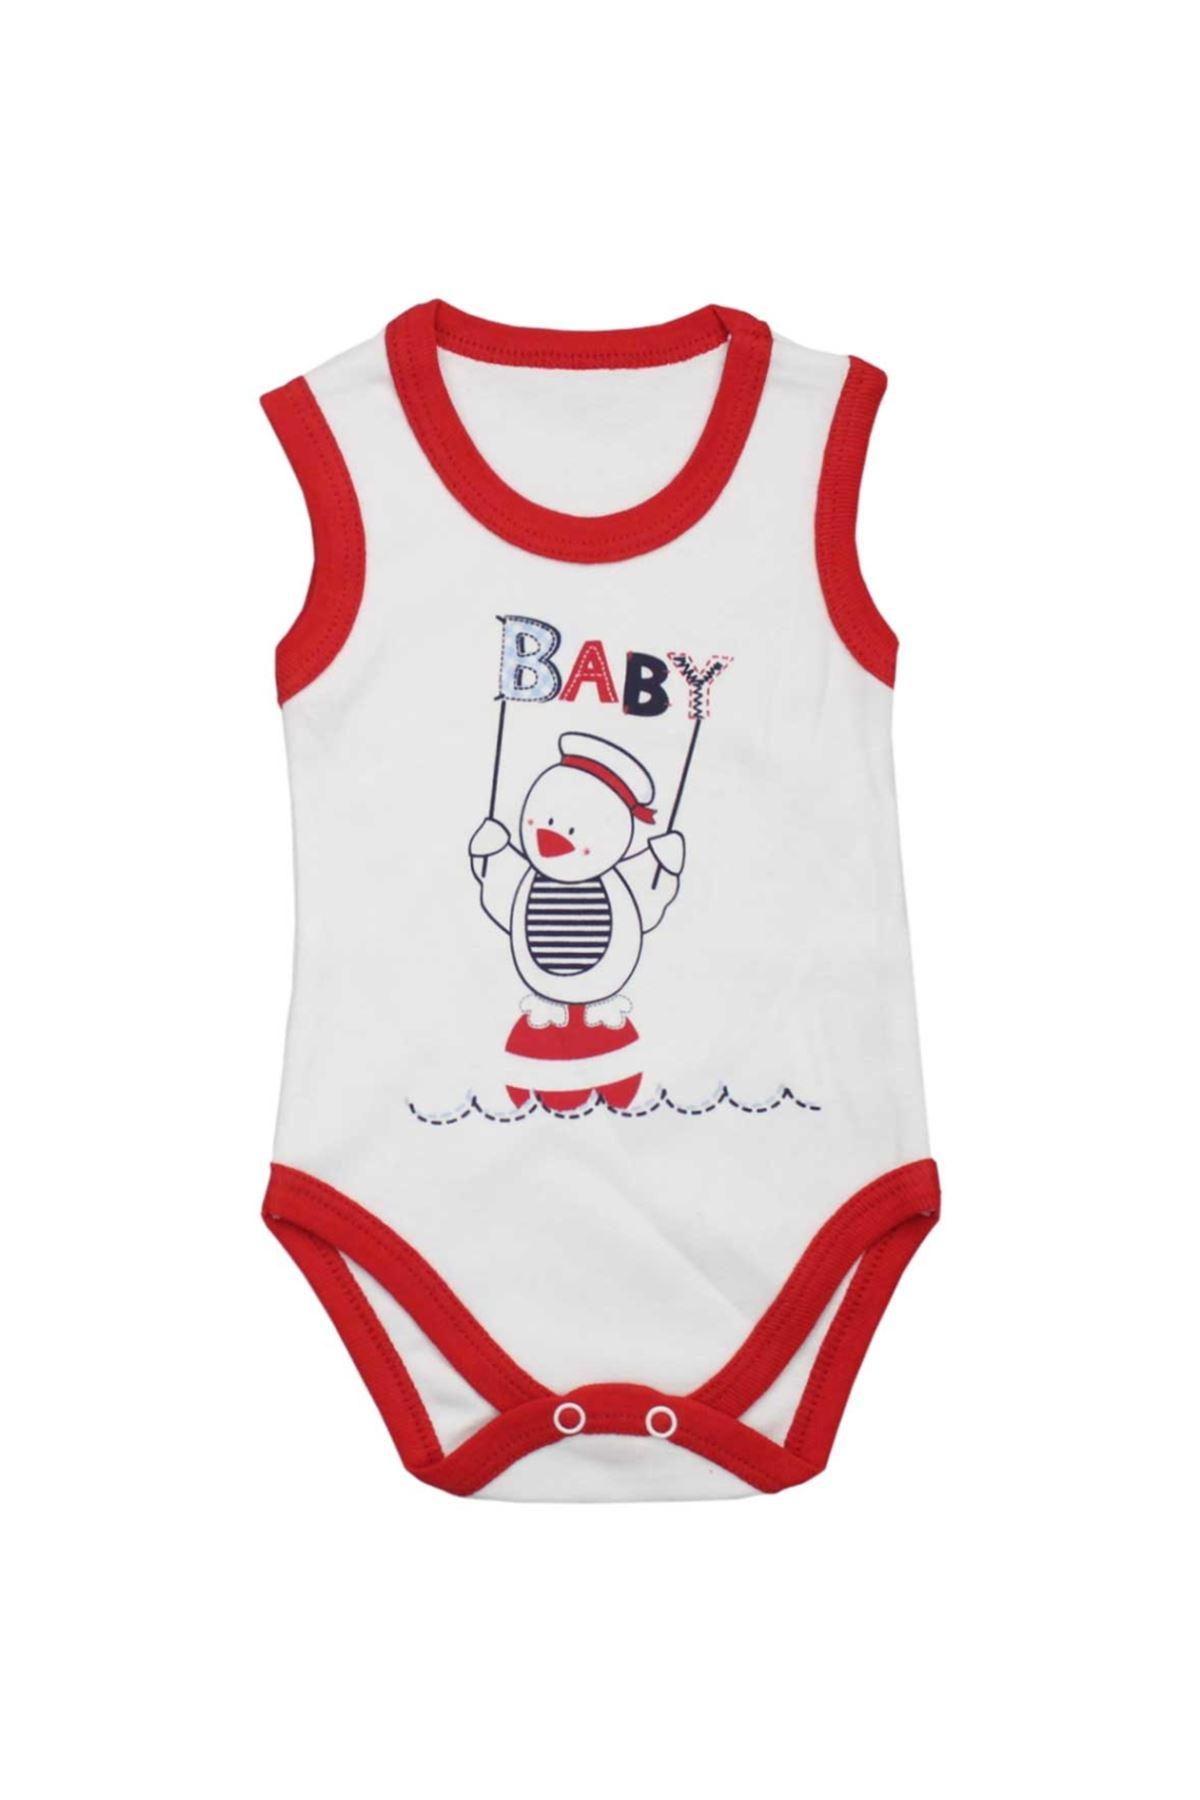 Modakids Unisex Bebek Baby Baskılı Çıtçıtlı Badi